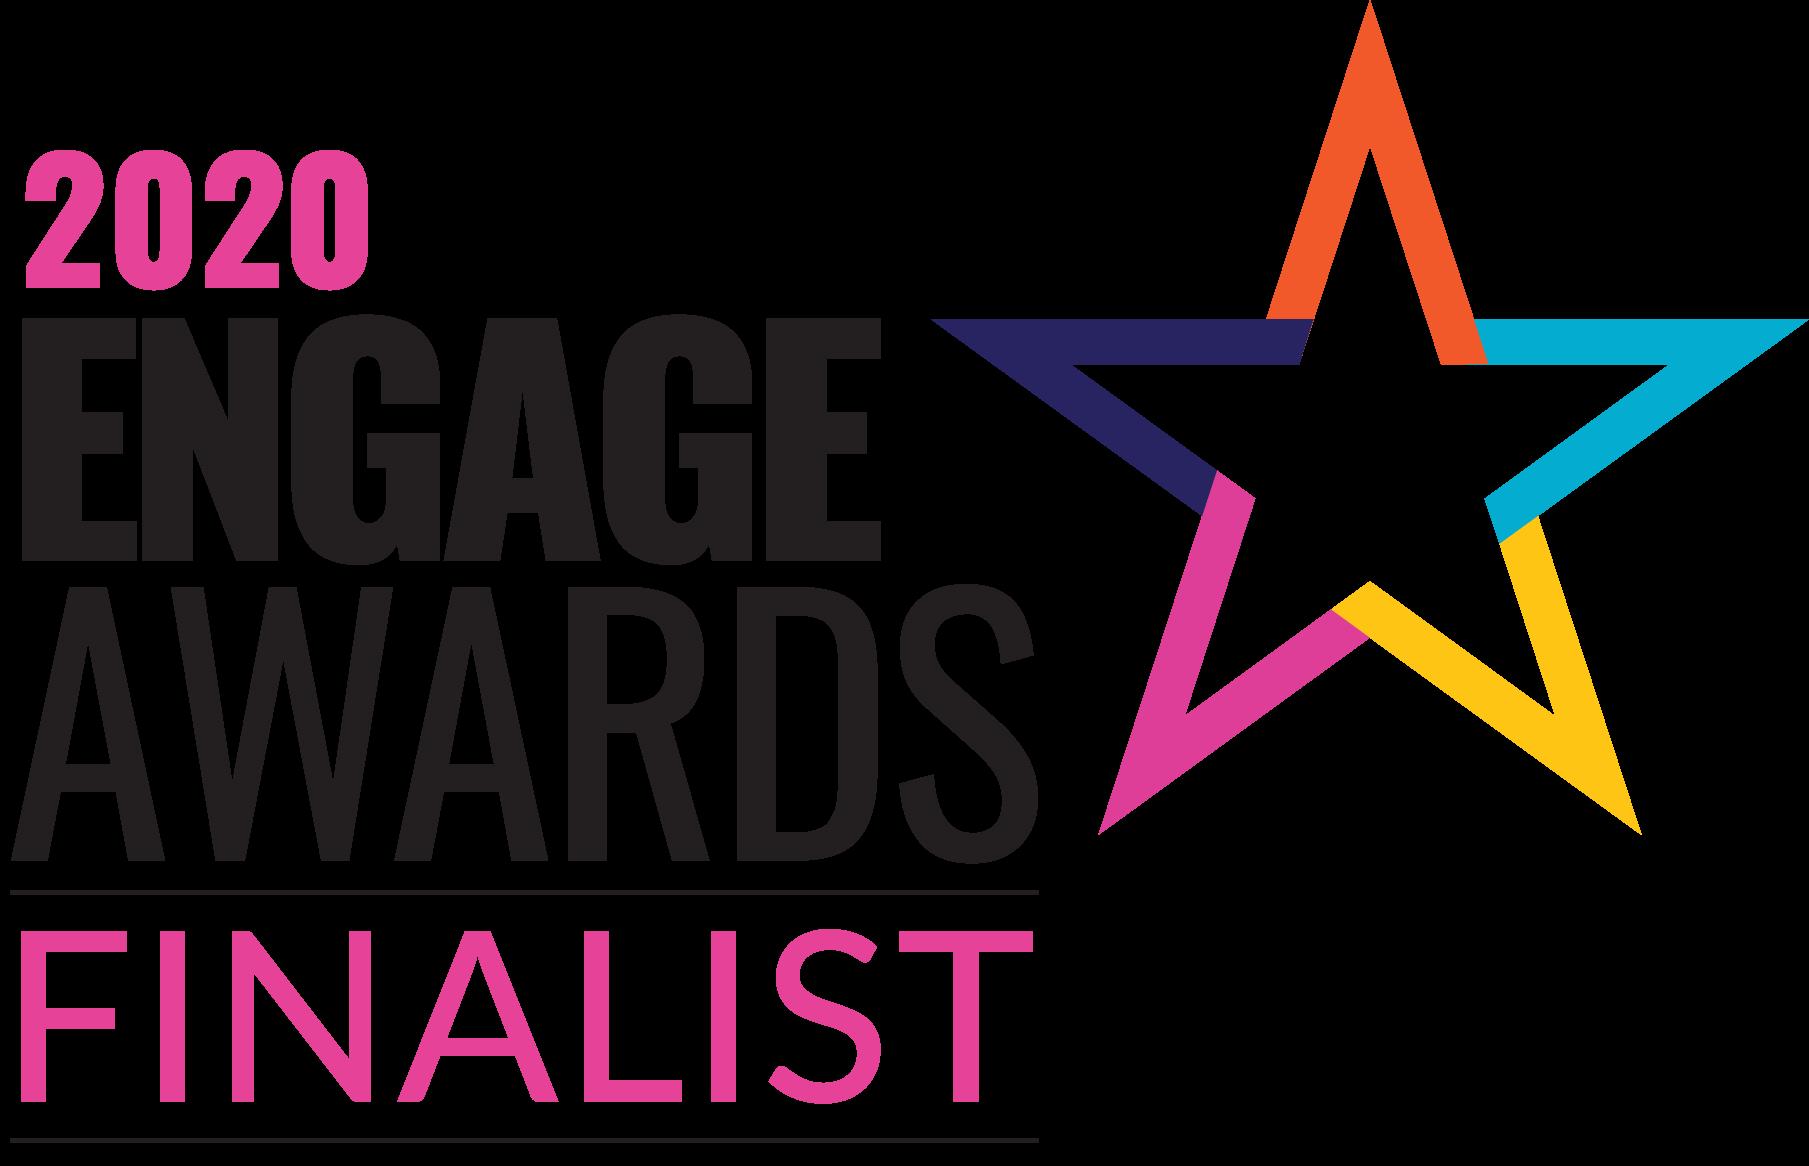 Enage Award Finalist